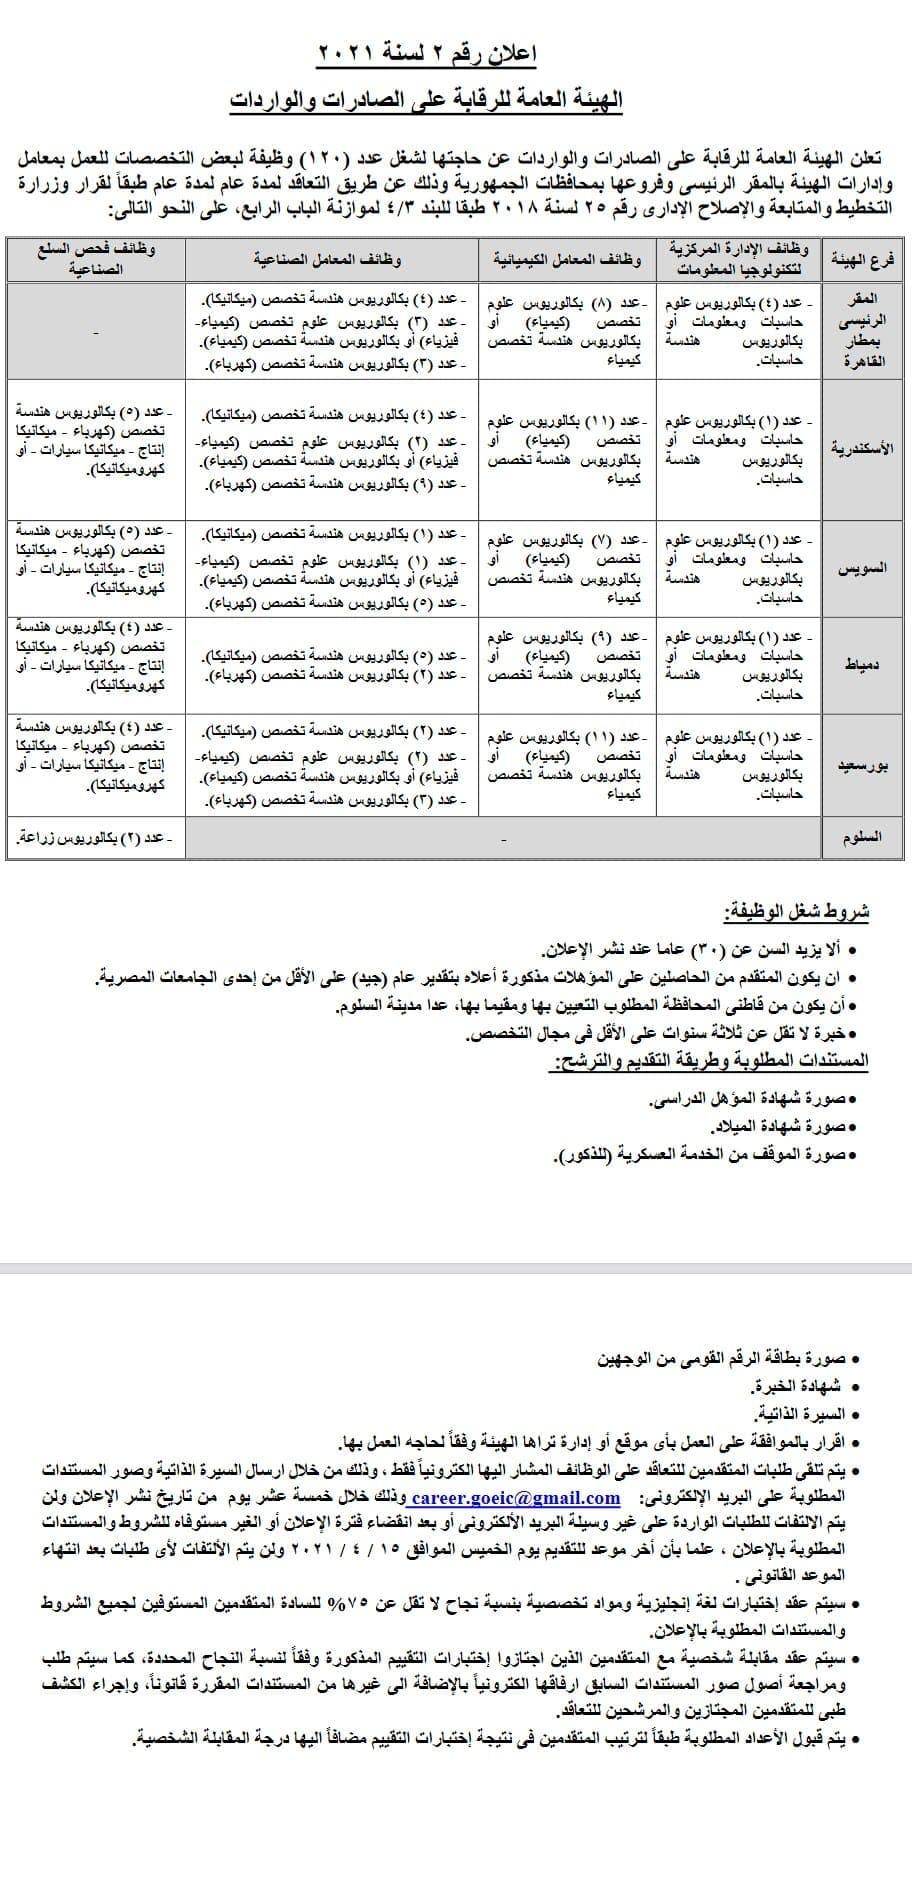 وظائف هيئة الرقابة على الصادرات والواردات